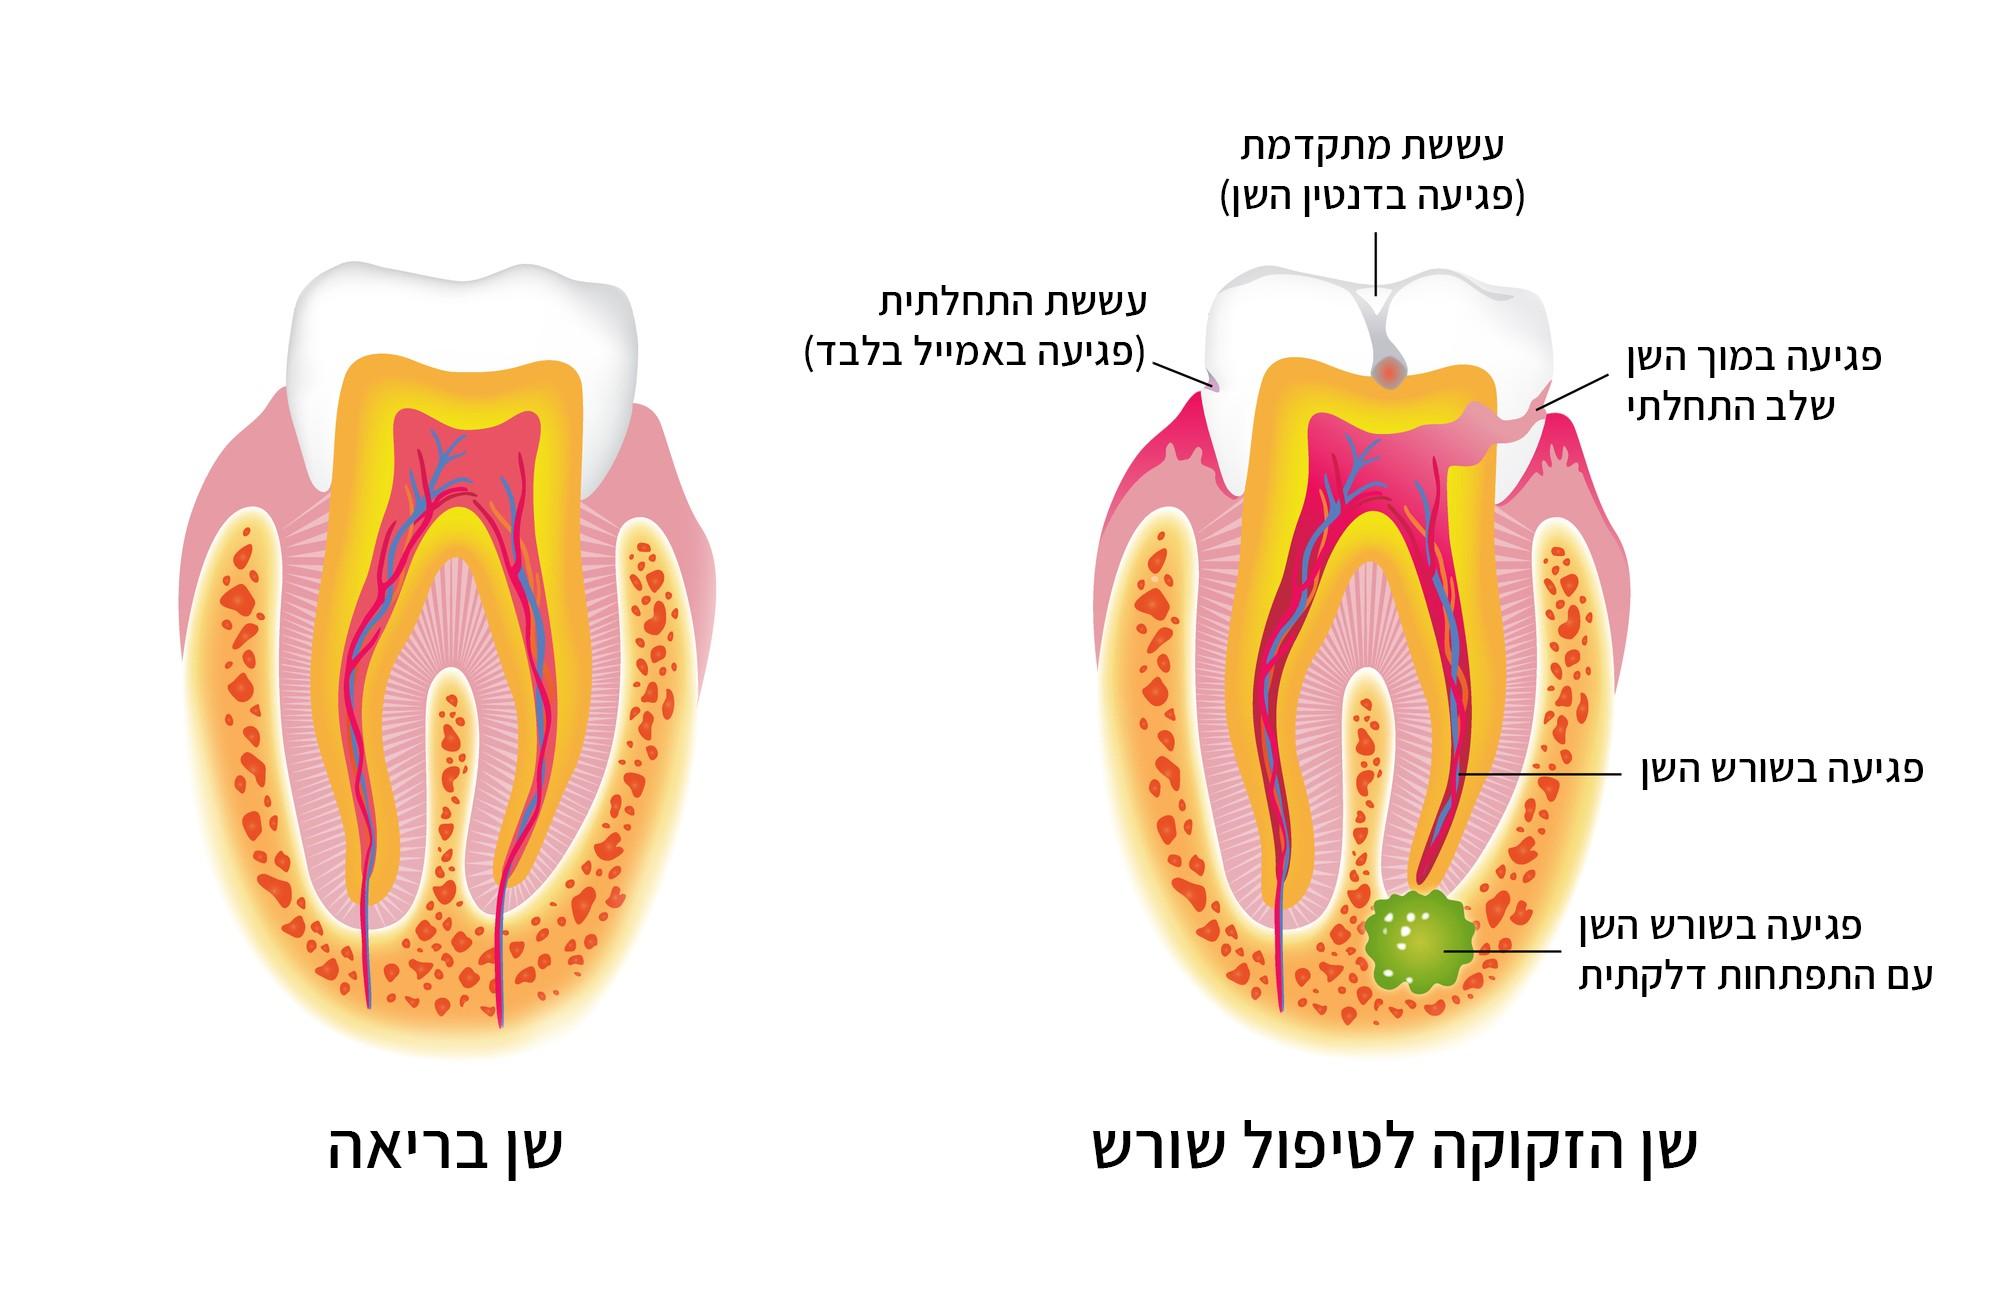 איור שן בריאה מול איור שן הזקוקה לטיפול שורש